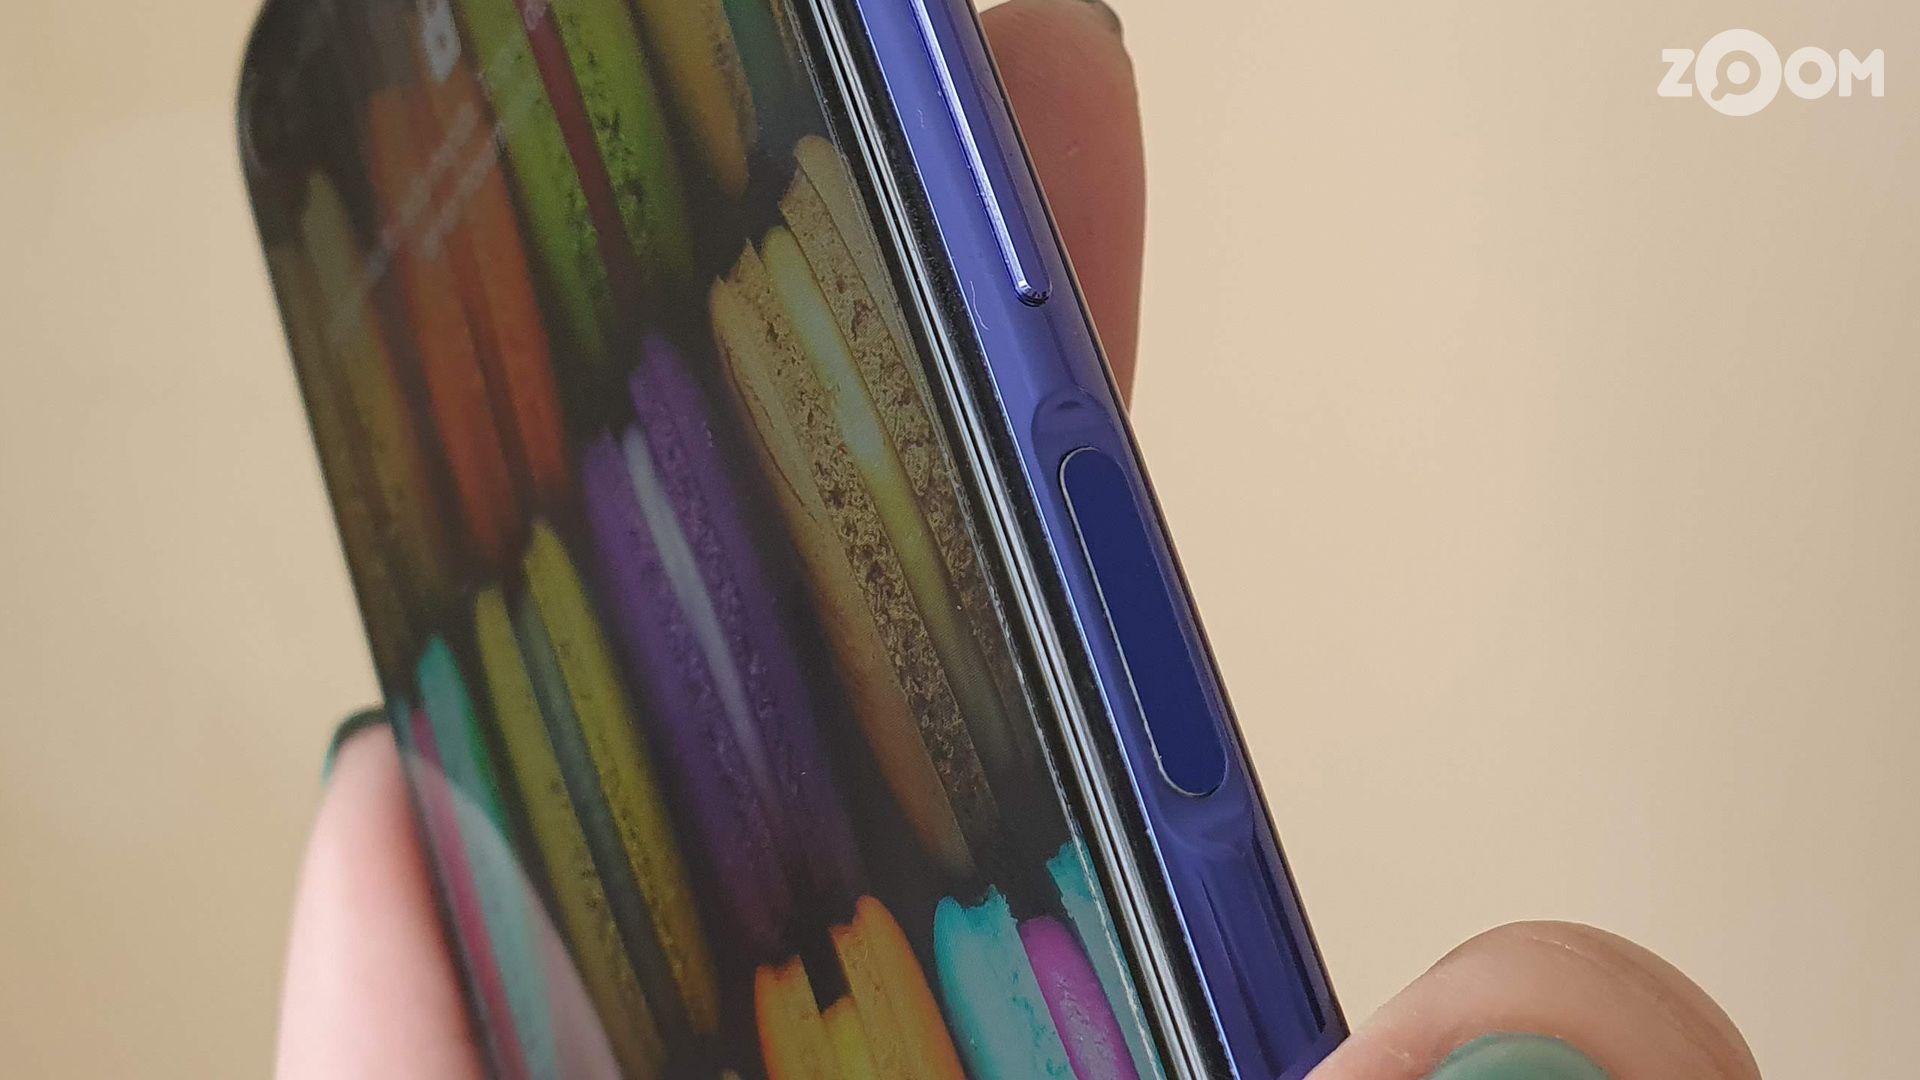 Leitor de digitais do Huawei nova 5T fica na lateral. (Imagem: Ana Marques/Zoom)